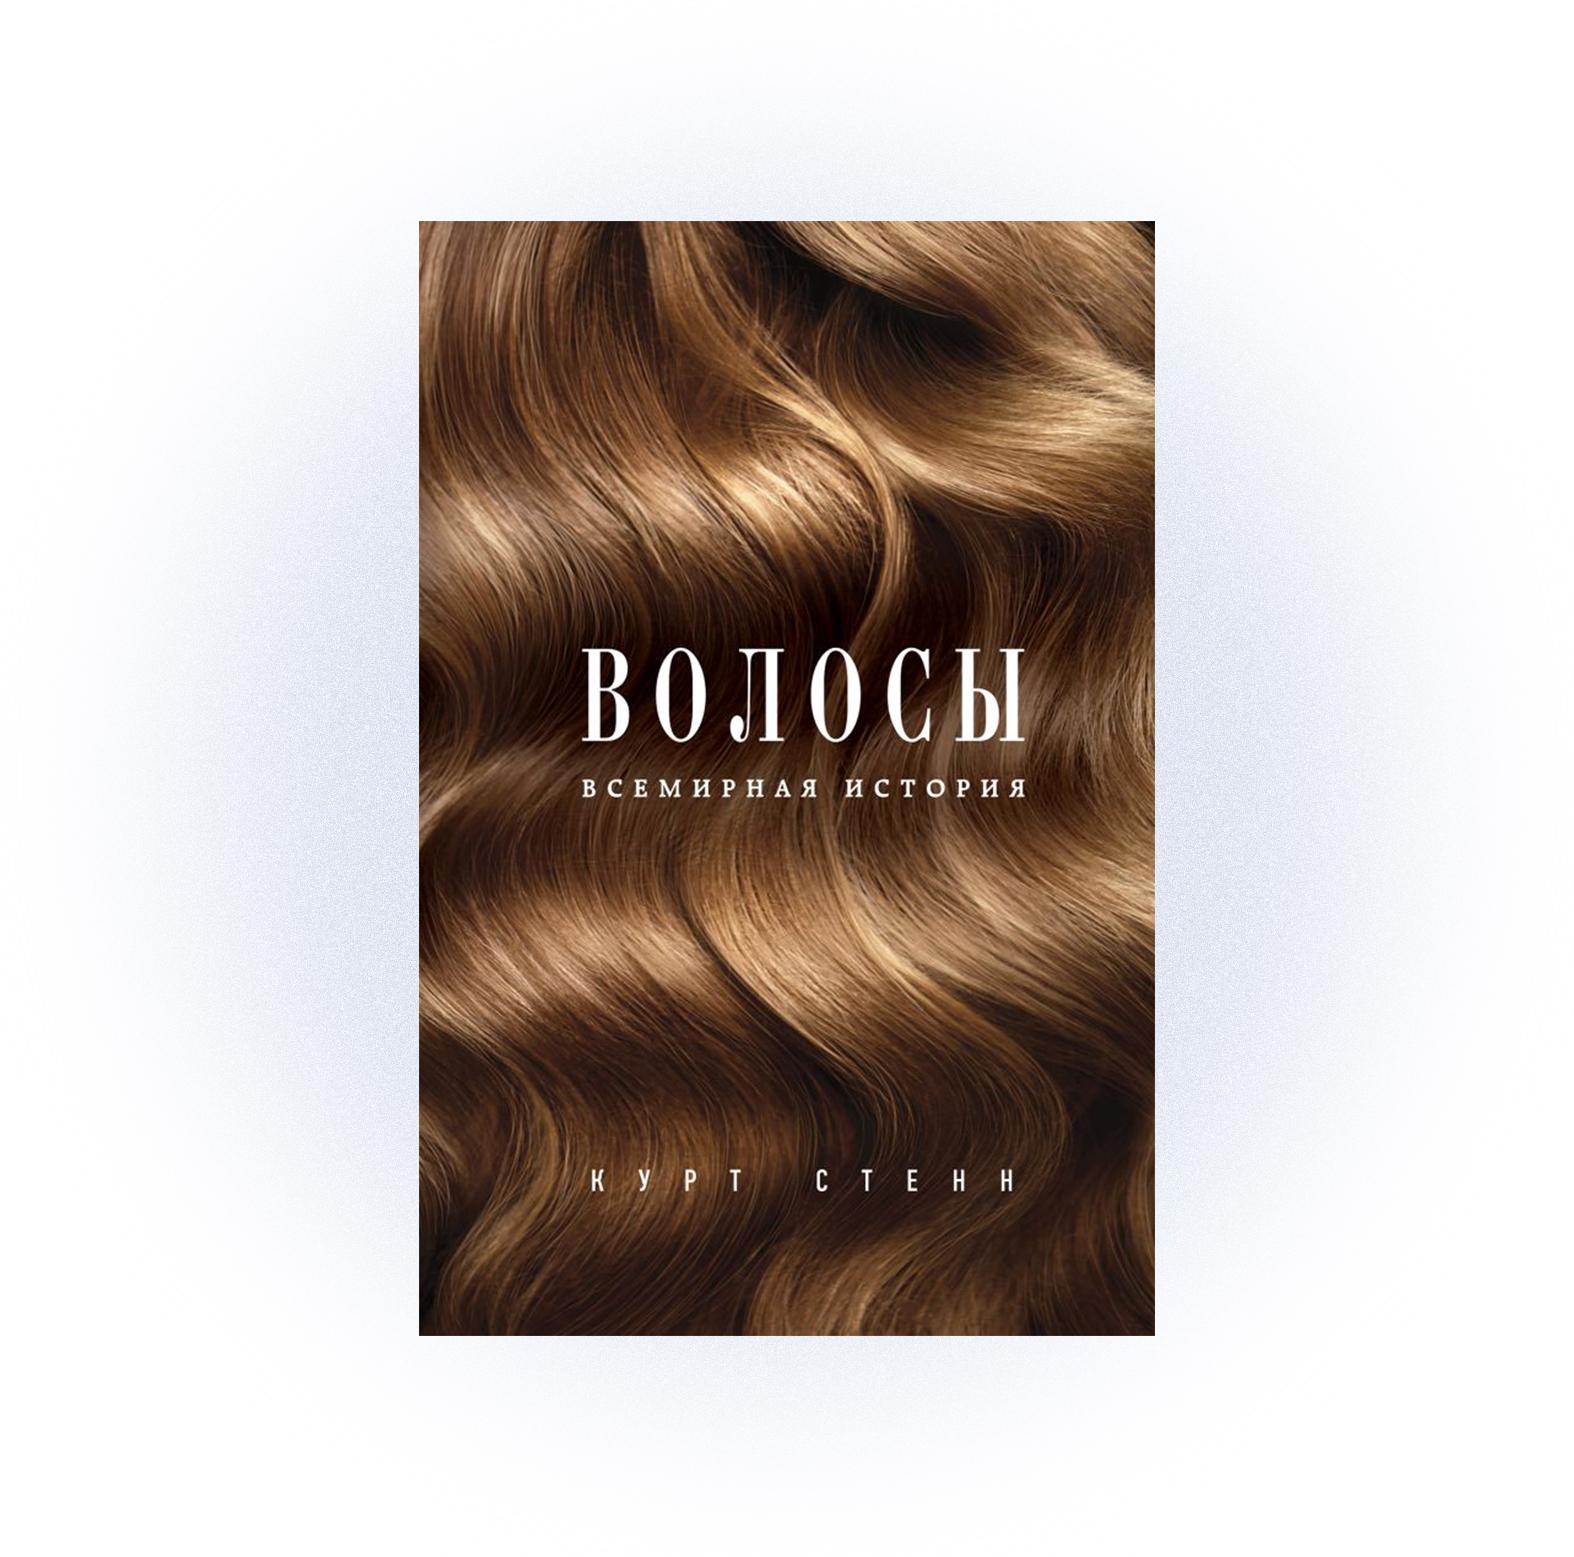 Волосы. Всемирная история», Курт Стенн